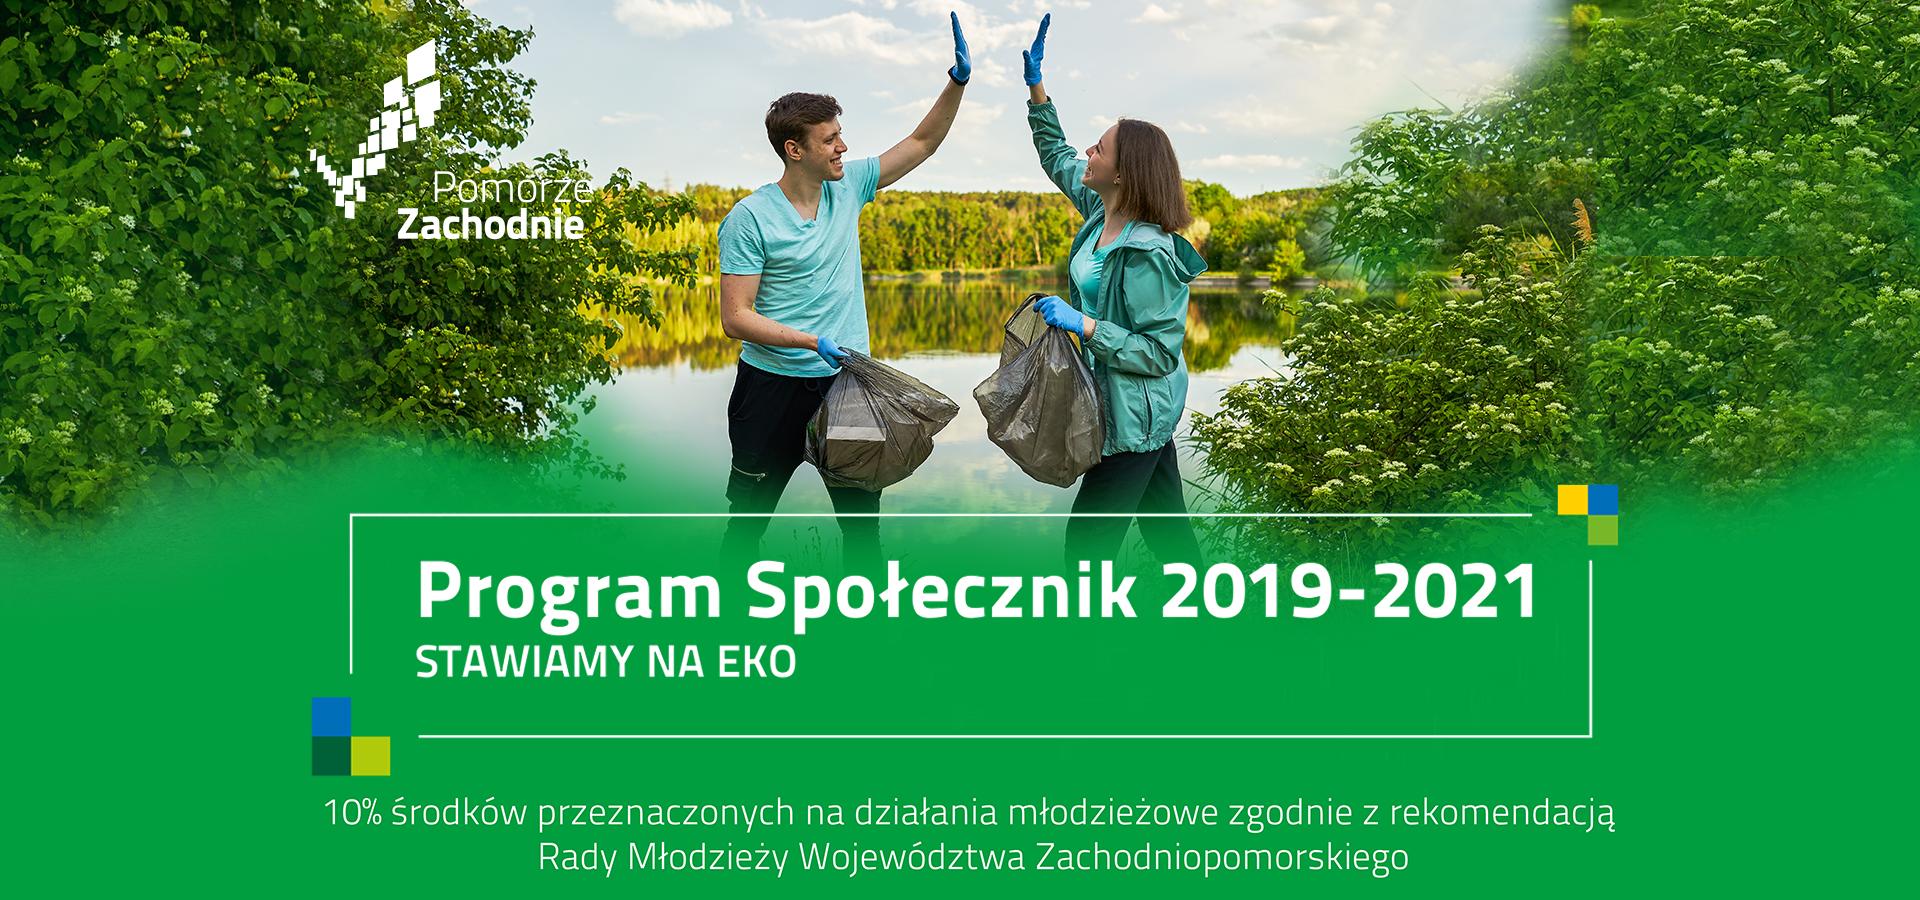 PROGRAM SPOŁECZNIK 2019-2021